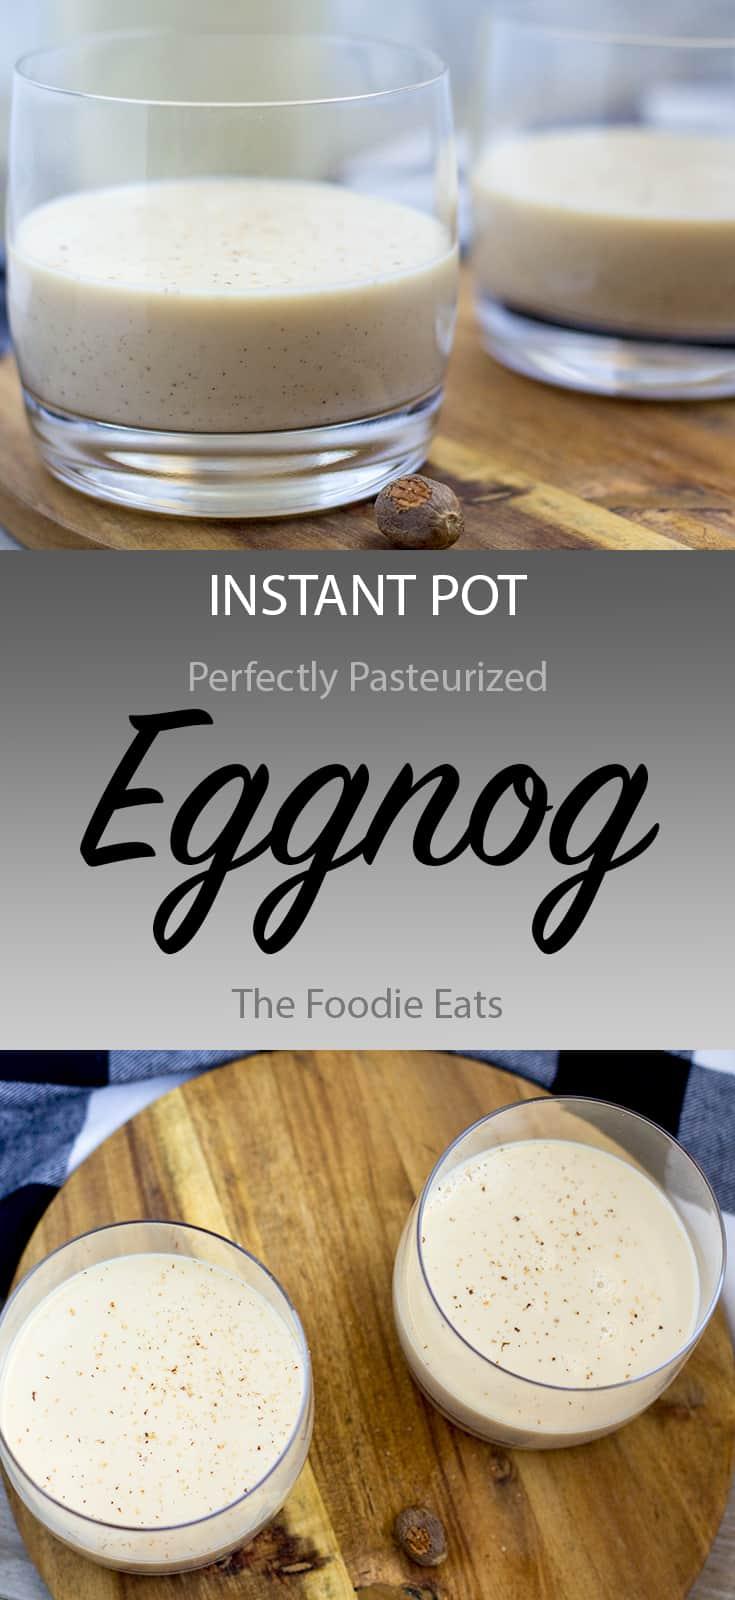 Instant Pot Eggnog | The Foodie Eats